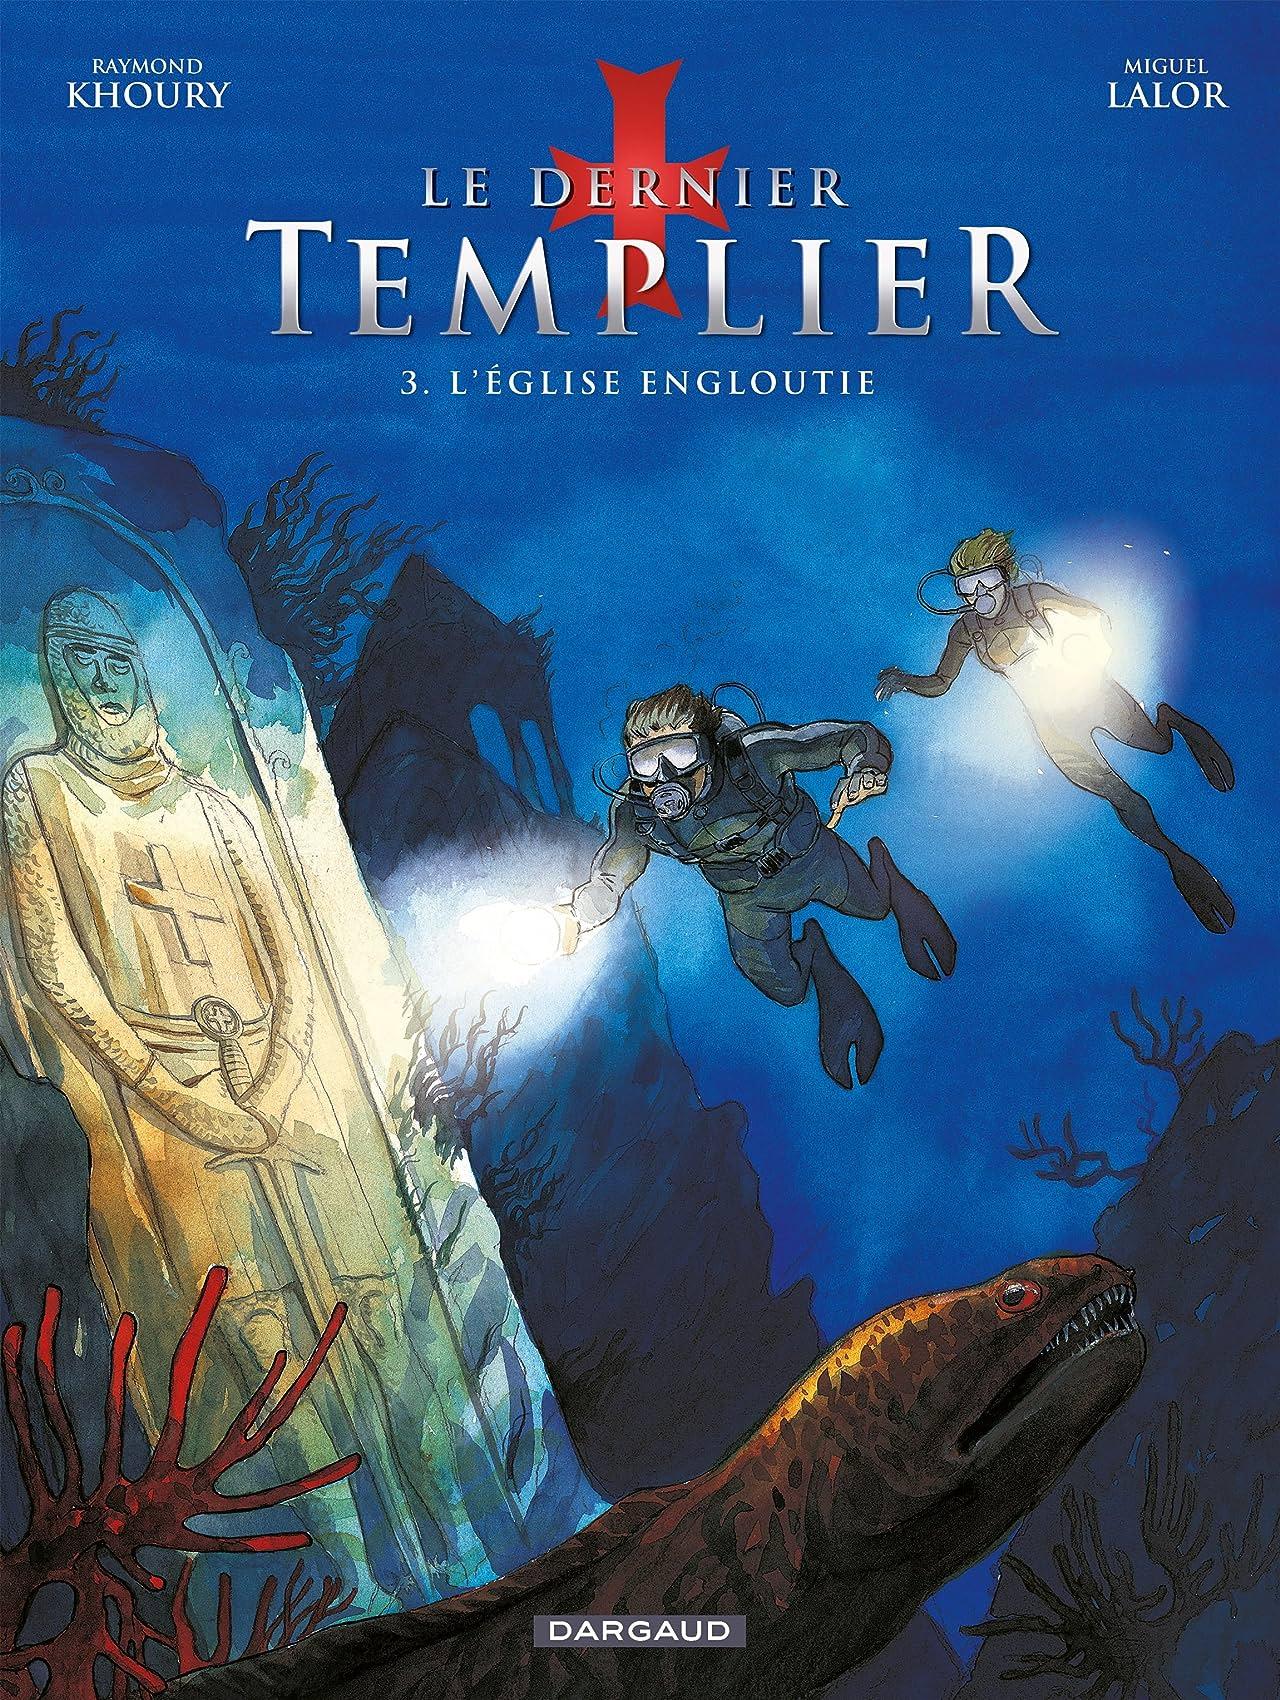 Le Dernier Templier Vol. 3: L'Eglise engloutie (3/4)